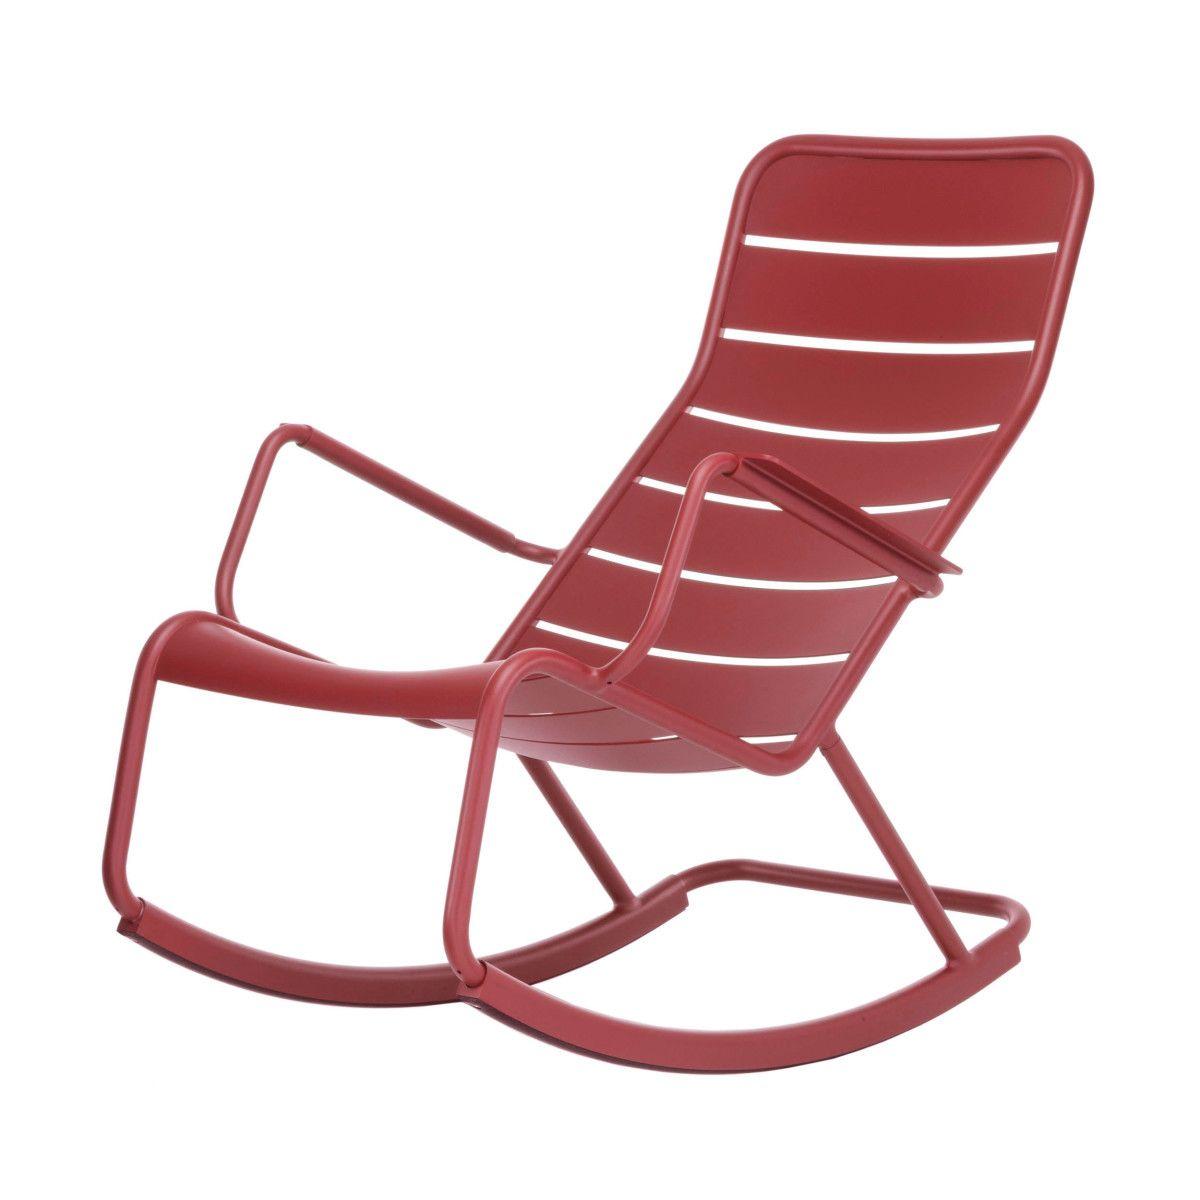 Luxembourg Rocking Chair Schaukelstuhl chili Jetzt bestellen unter ...